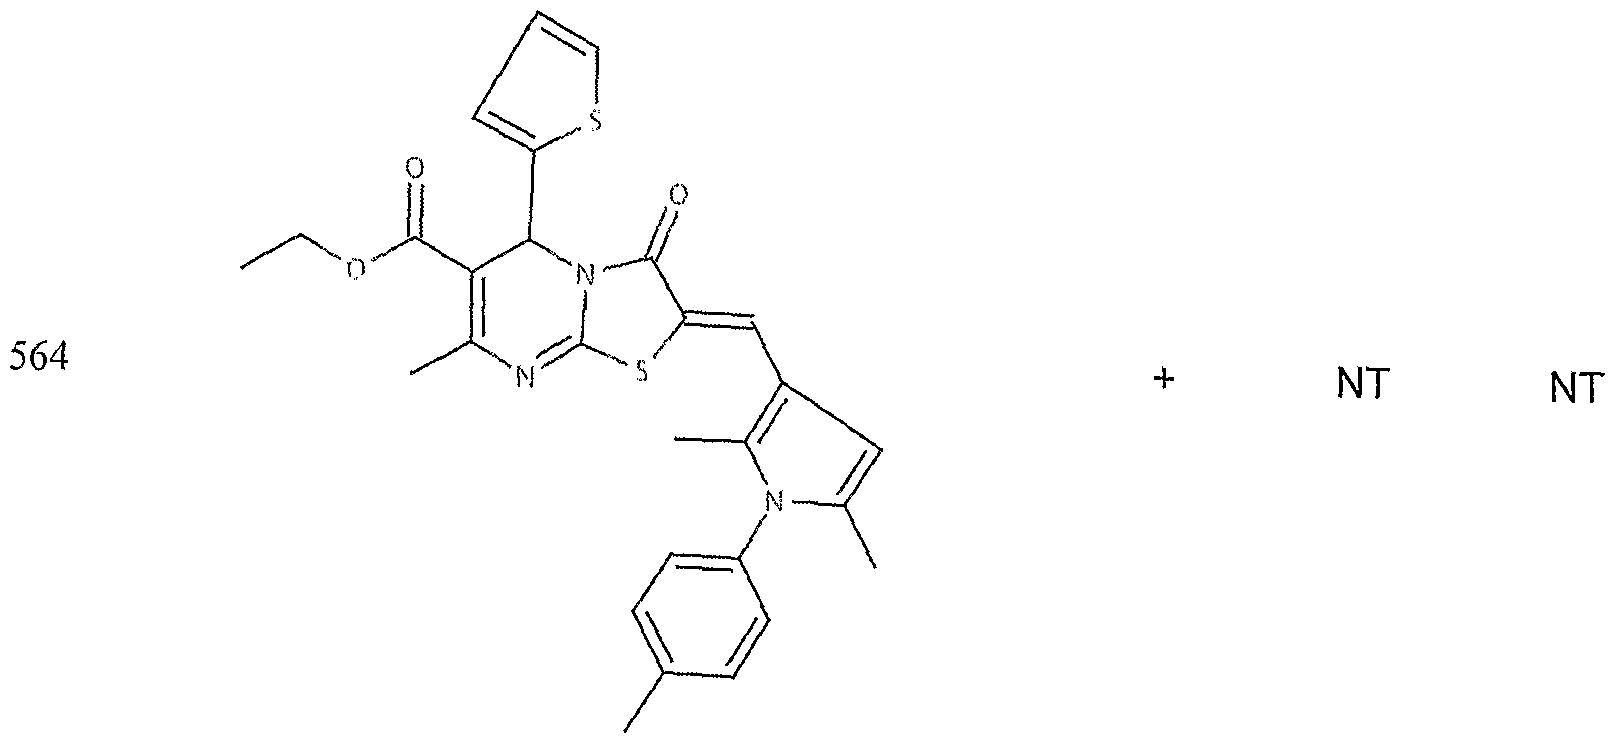 Figure imgf000218_0002